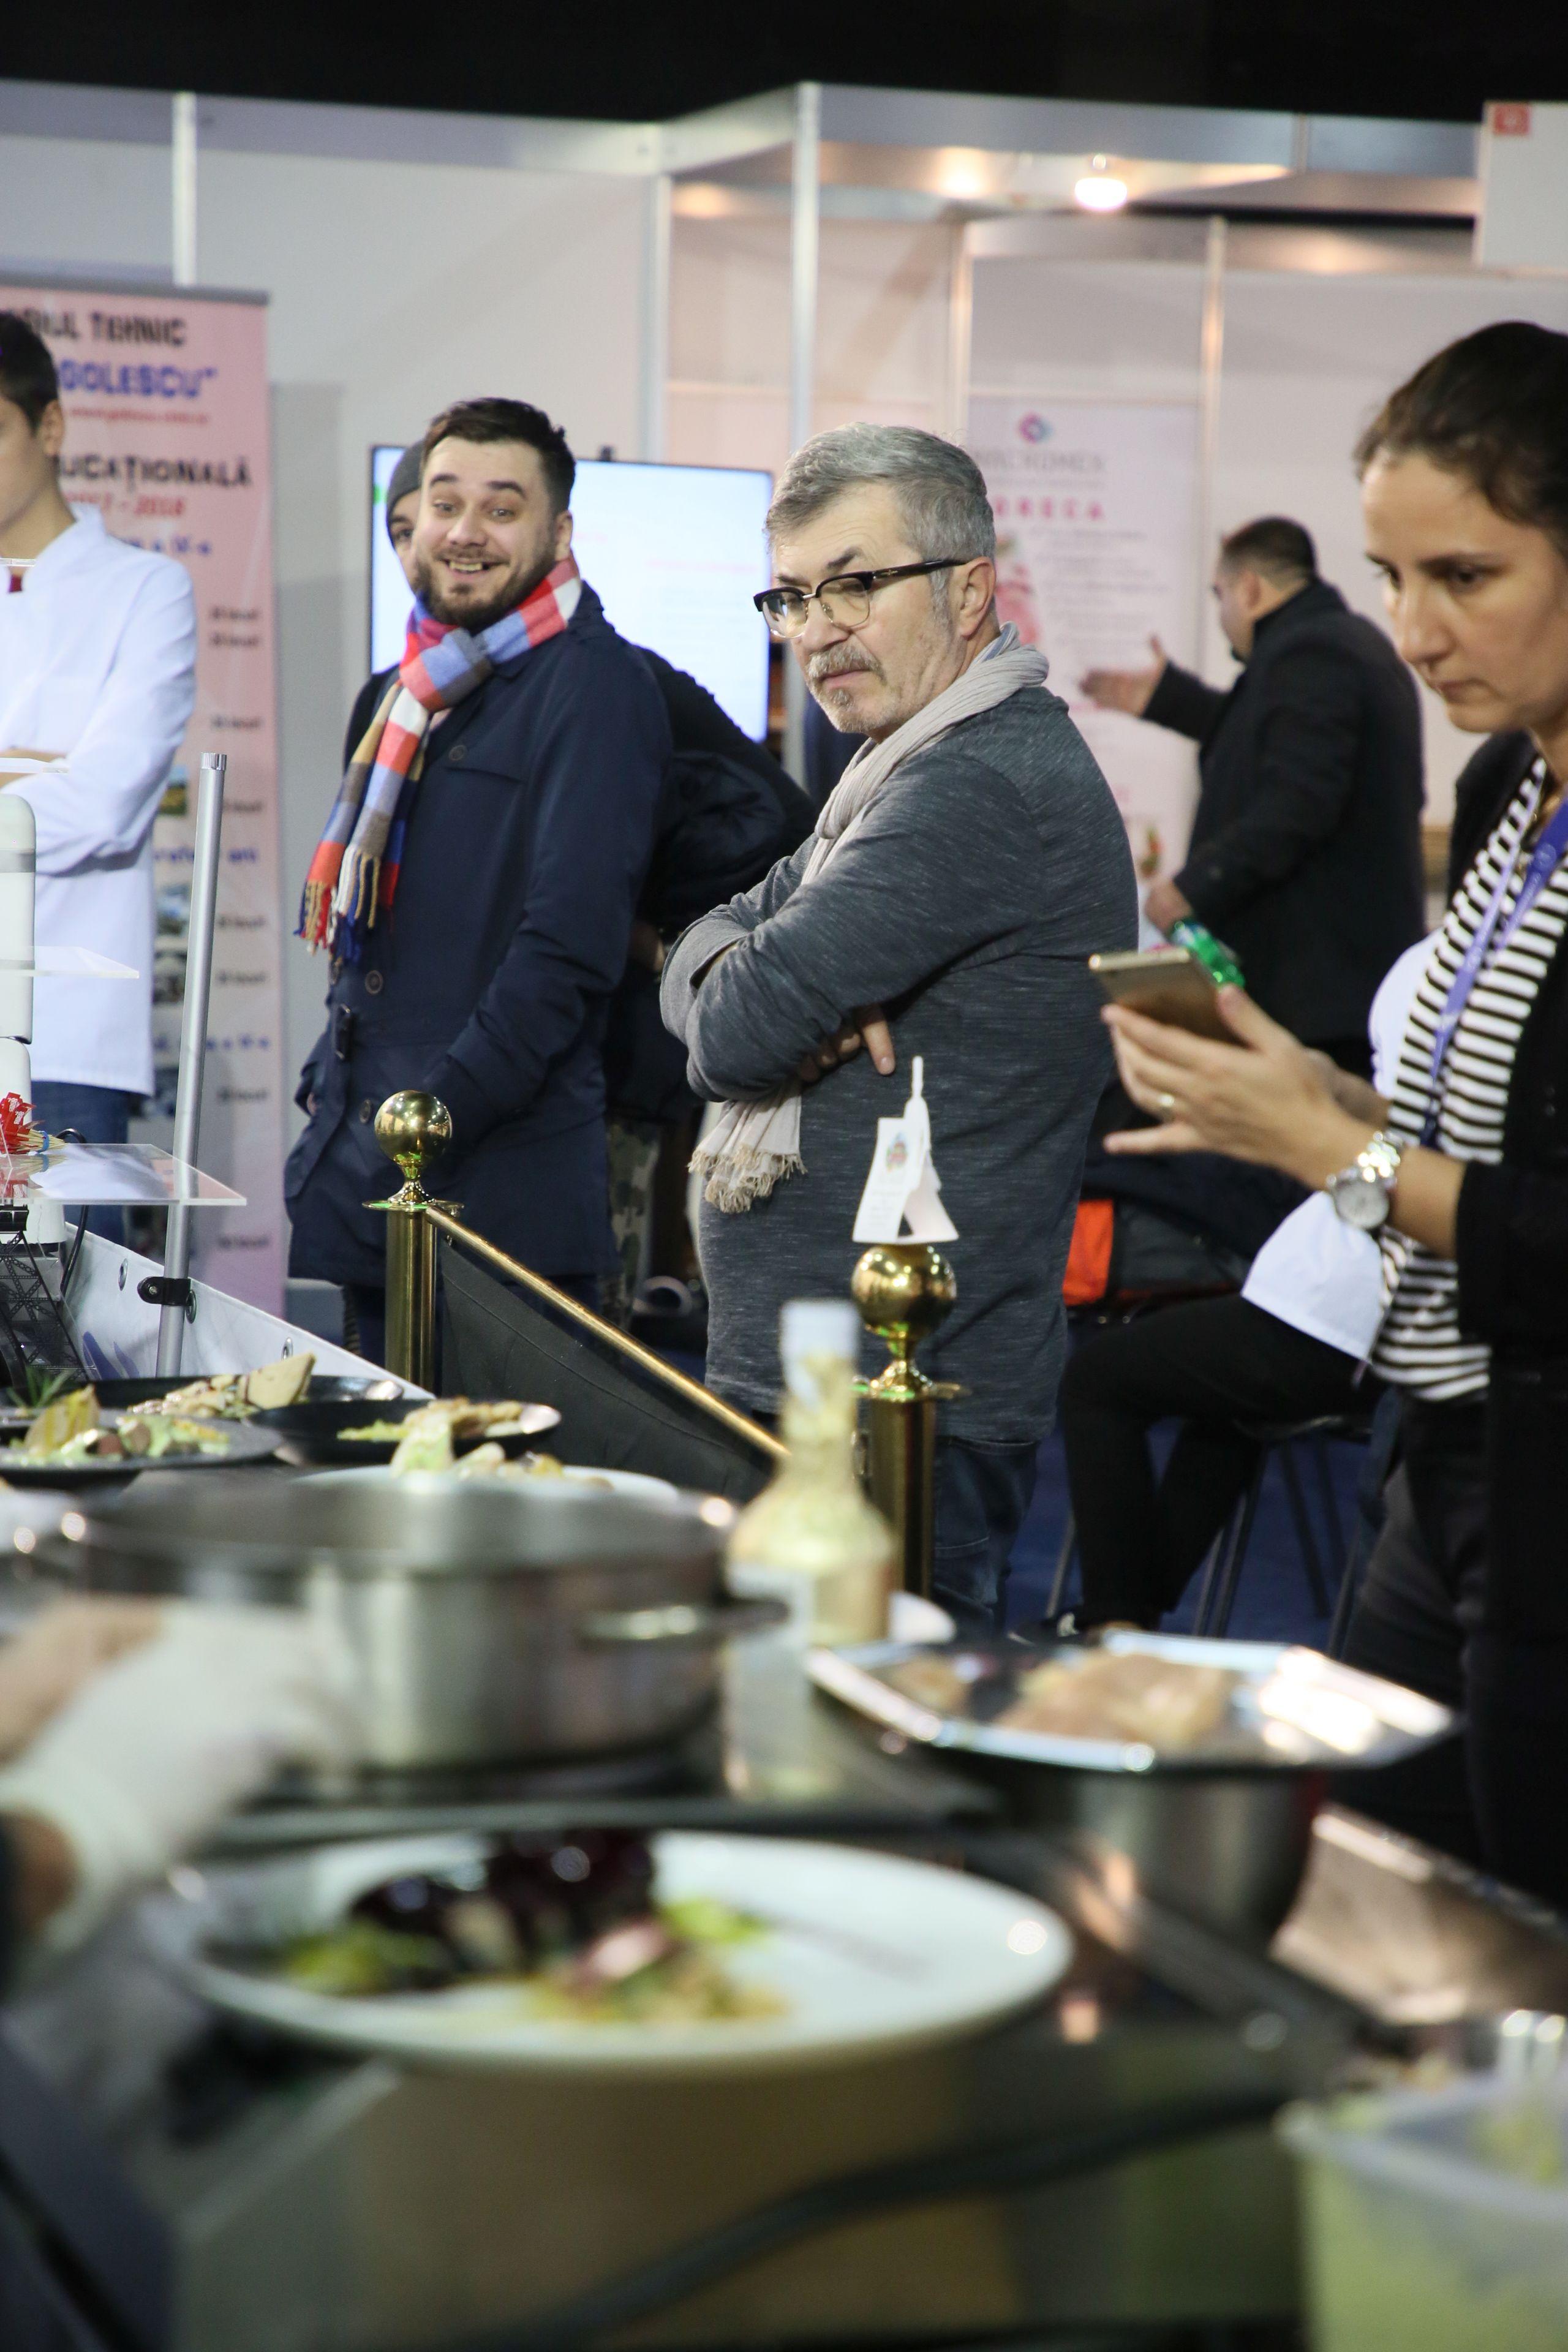 Sarbatoarea_Gustului_Chef_Philippe_Dupre_Master_class_pui_coco_rico_30